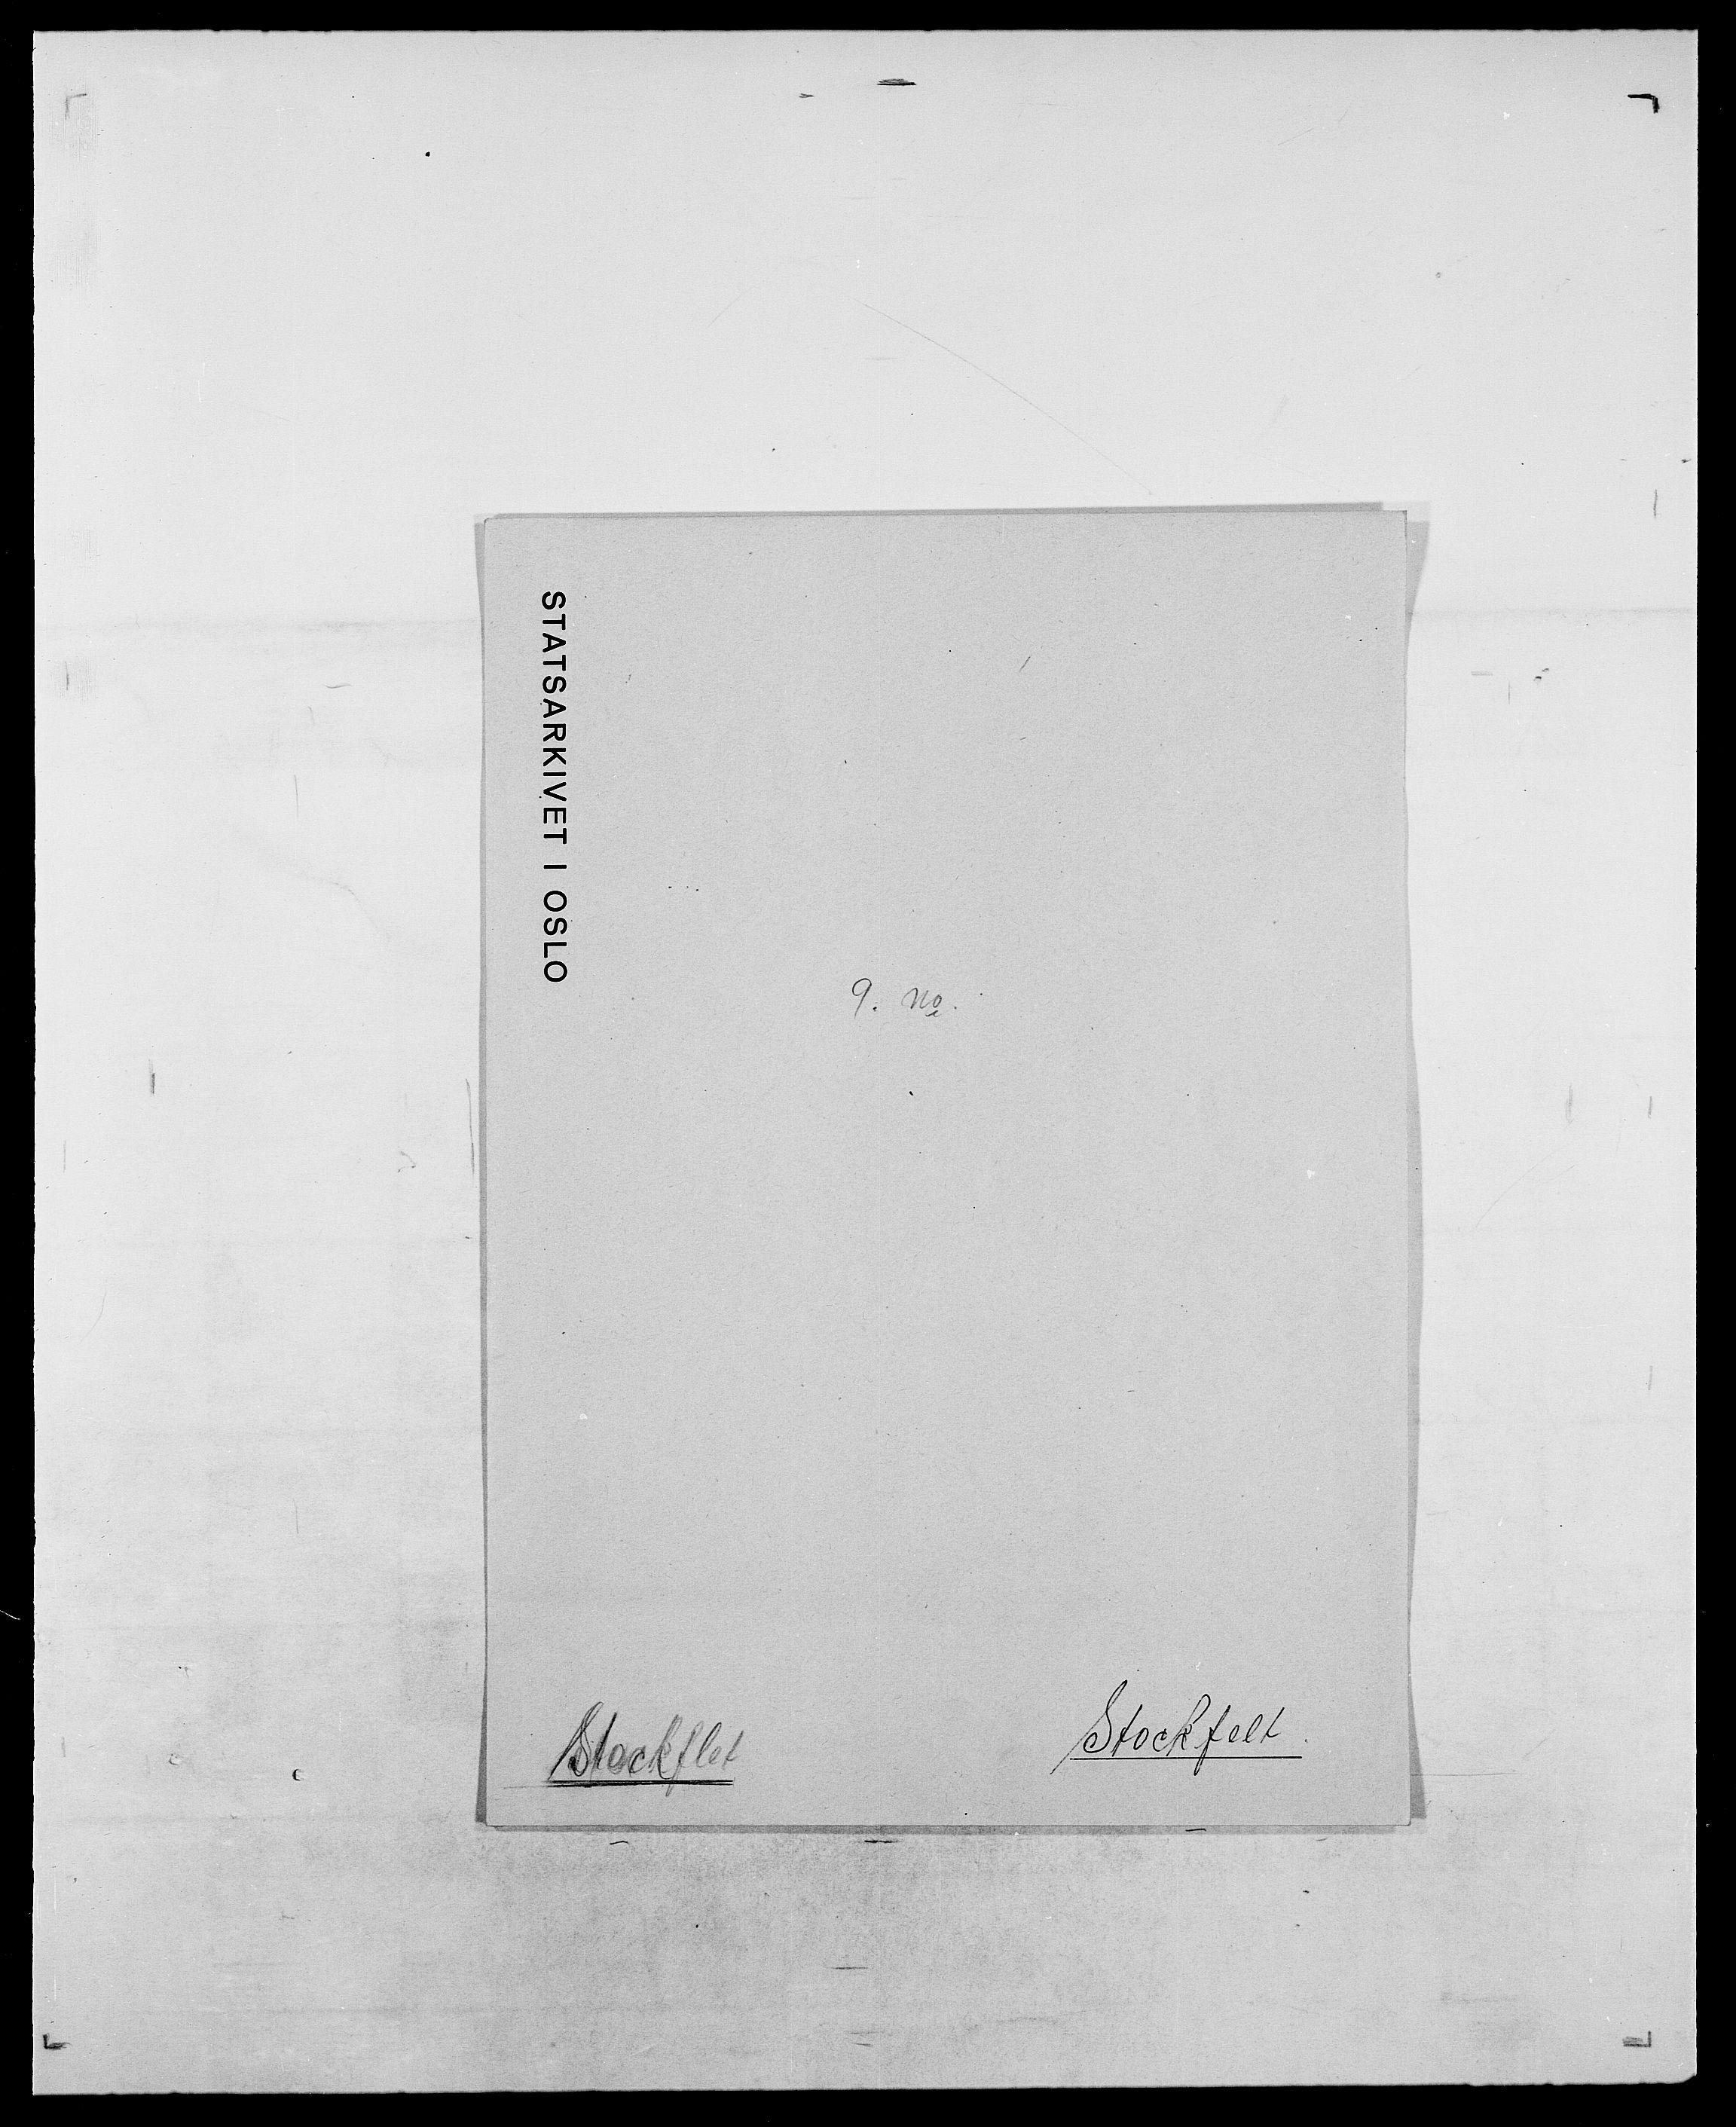 SAO, Delgobe, Charles Antoine - samling, D/Da/L0037: Steen, Sthen, Stein - Svare, Svanige, Svanne, se også Svanning og Schwane, s. 405